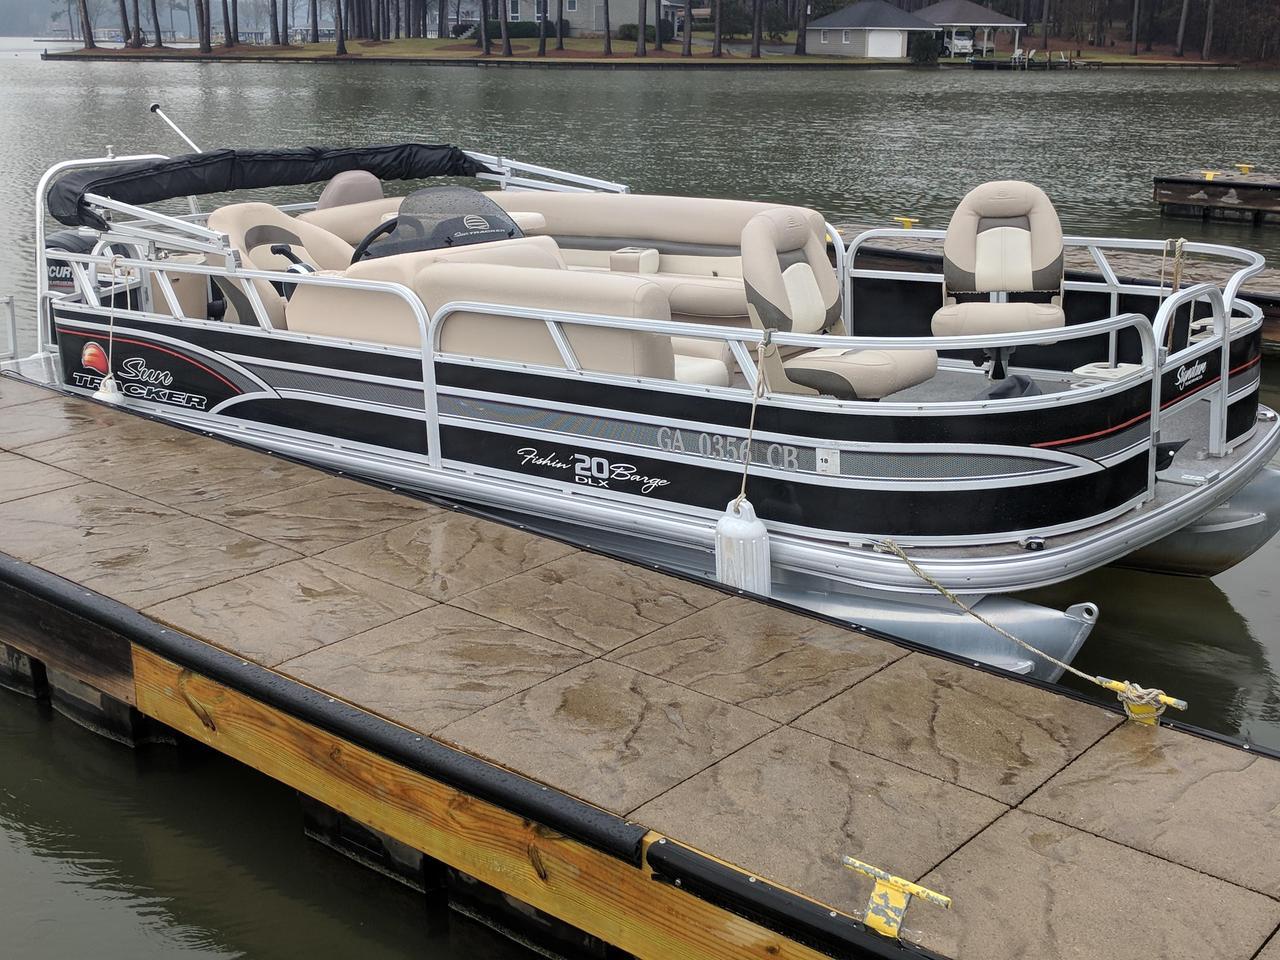 Sun Tracker Pontoon Boats >> 2015 Used Sun Tracker Fishin Barge 20 Dlxfishin Barge 20